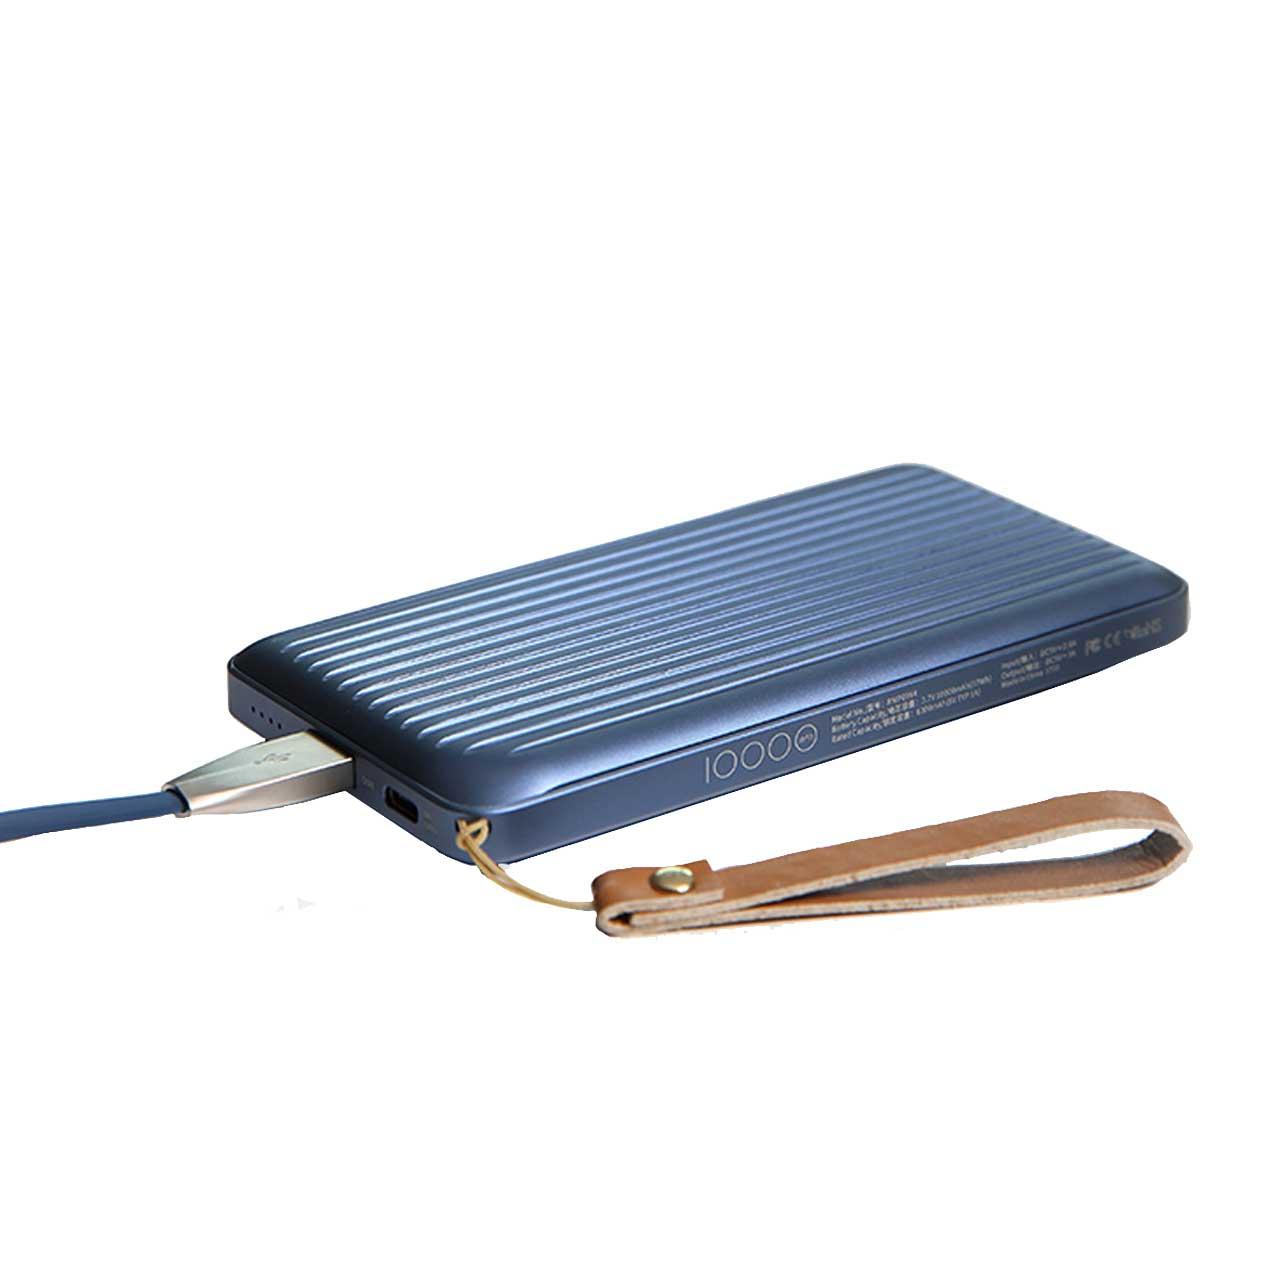 قیمت شارژر همراه راک اسپیس مدل Evo ظرفیت 10000 میلی آمپر ساعت